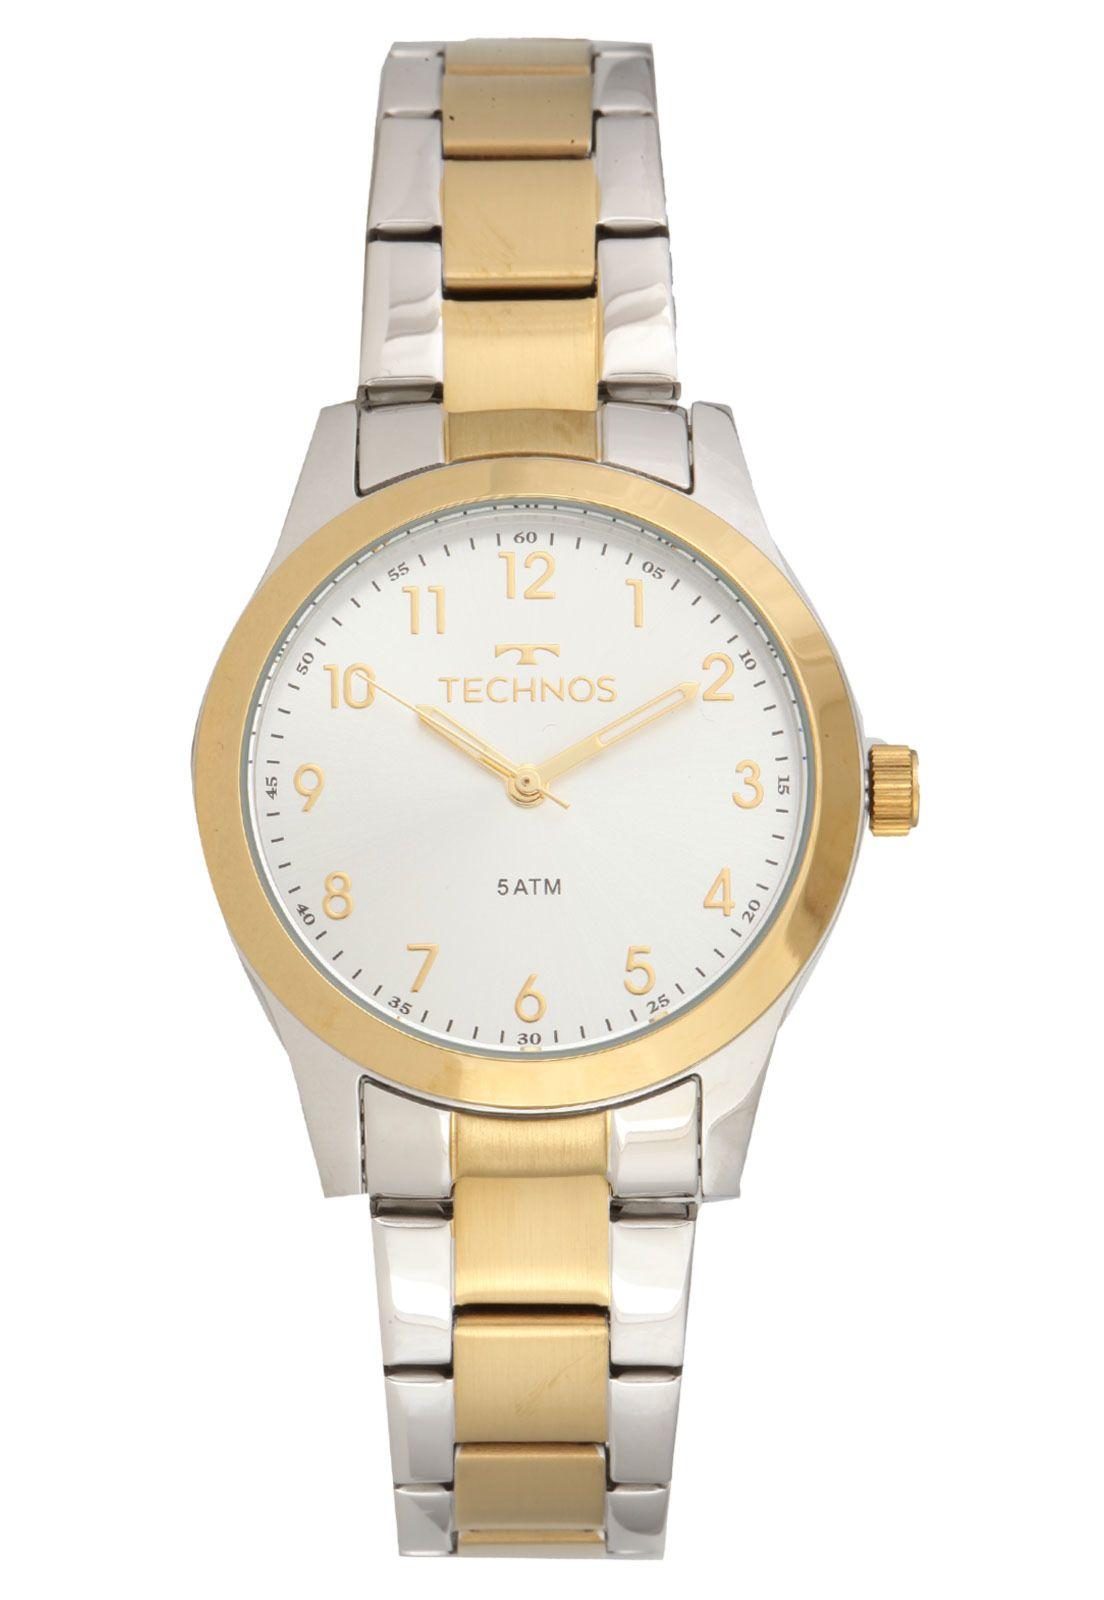 Relógio Technos Feminino Boutique - 2035MKK/5K  - Dumont Online - Joias e Relógios